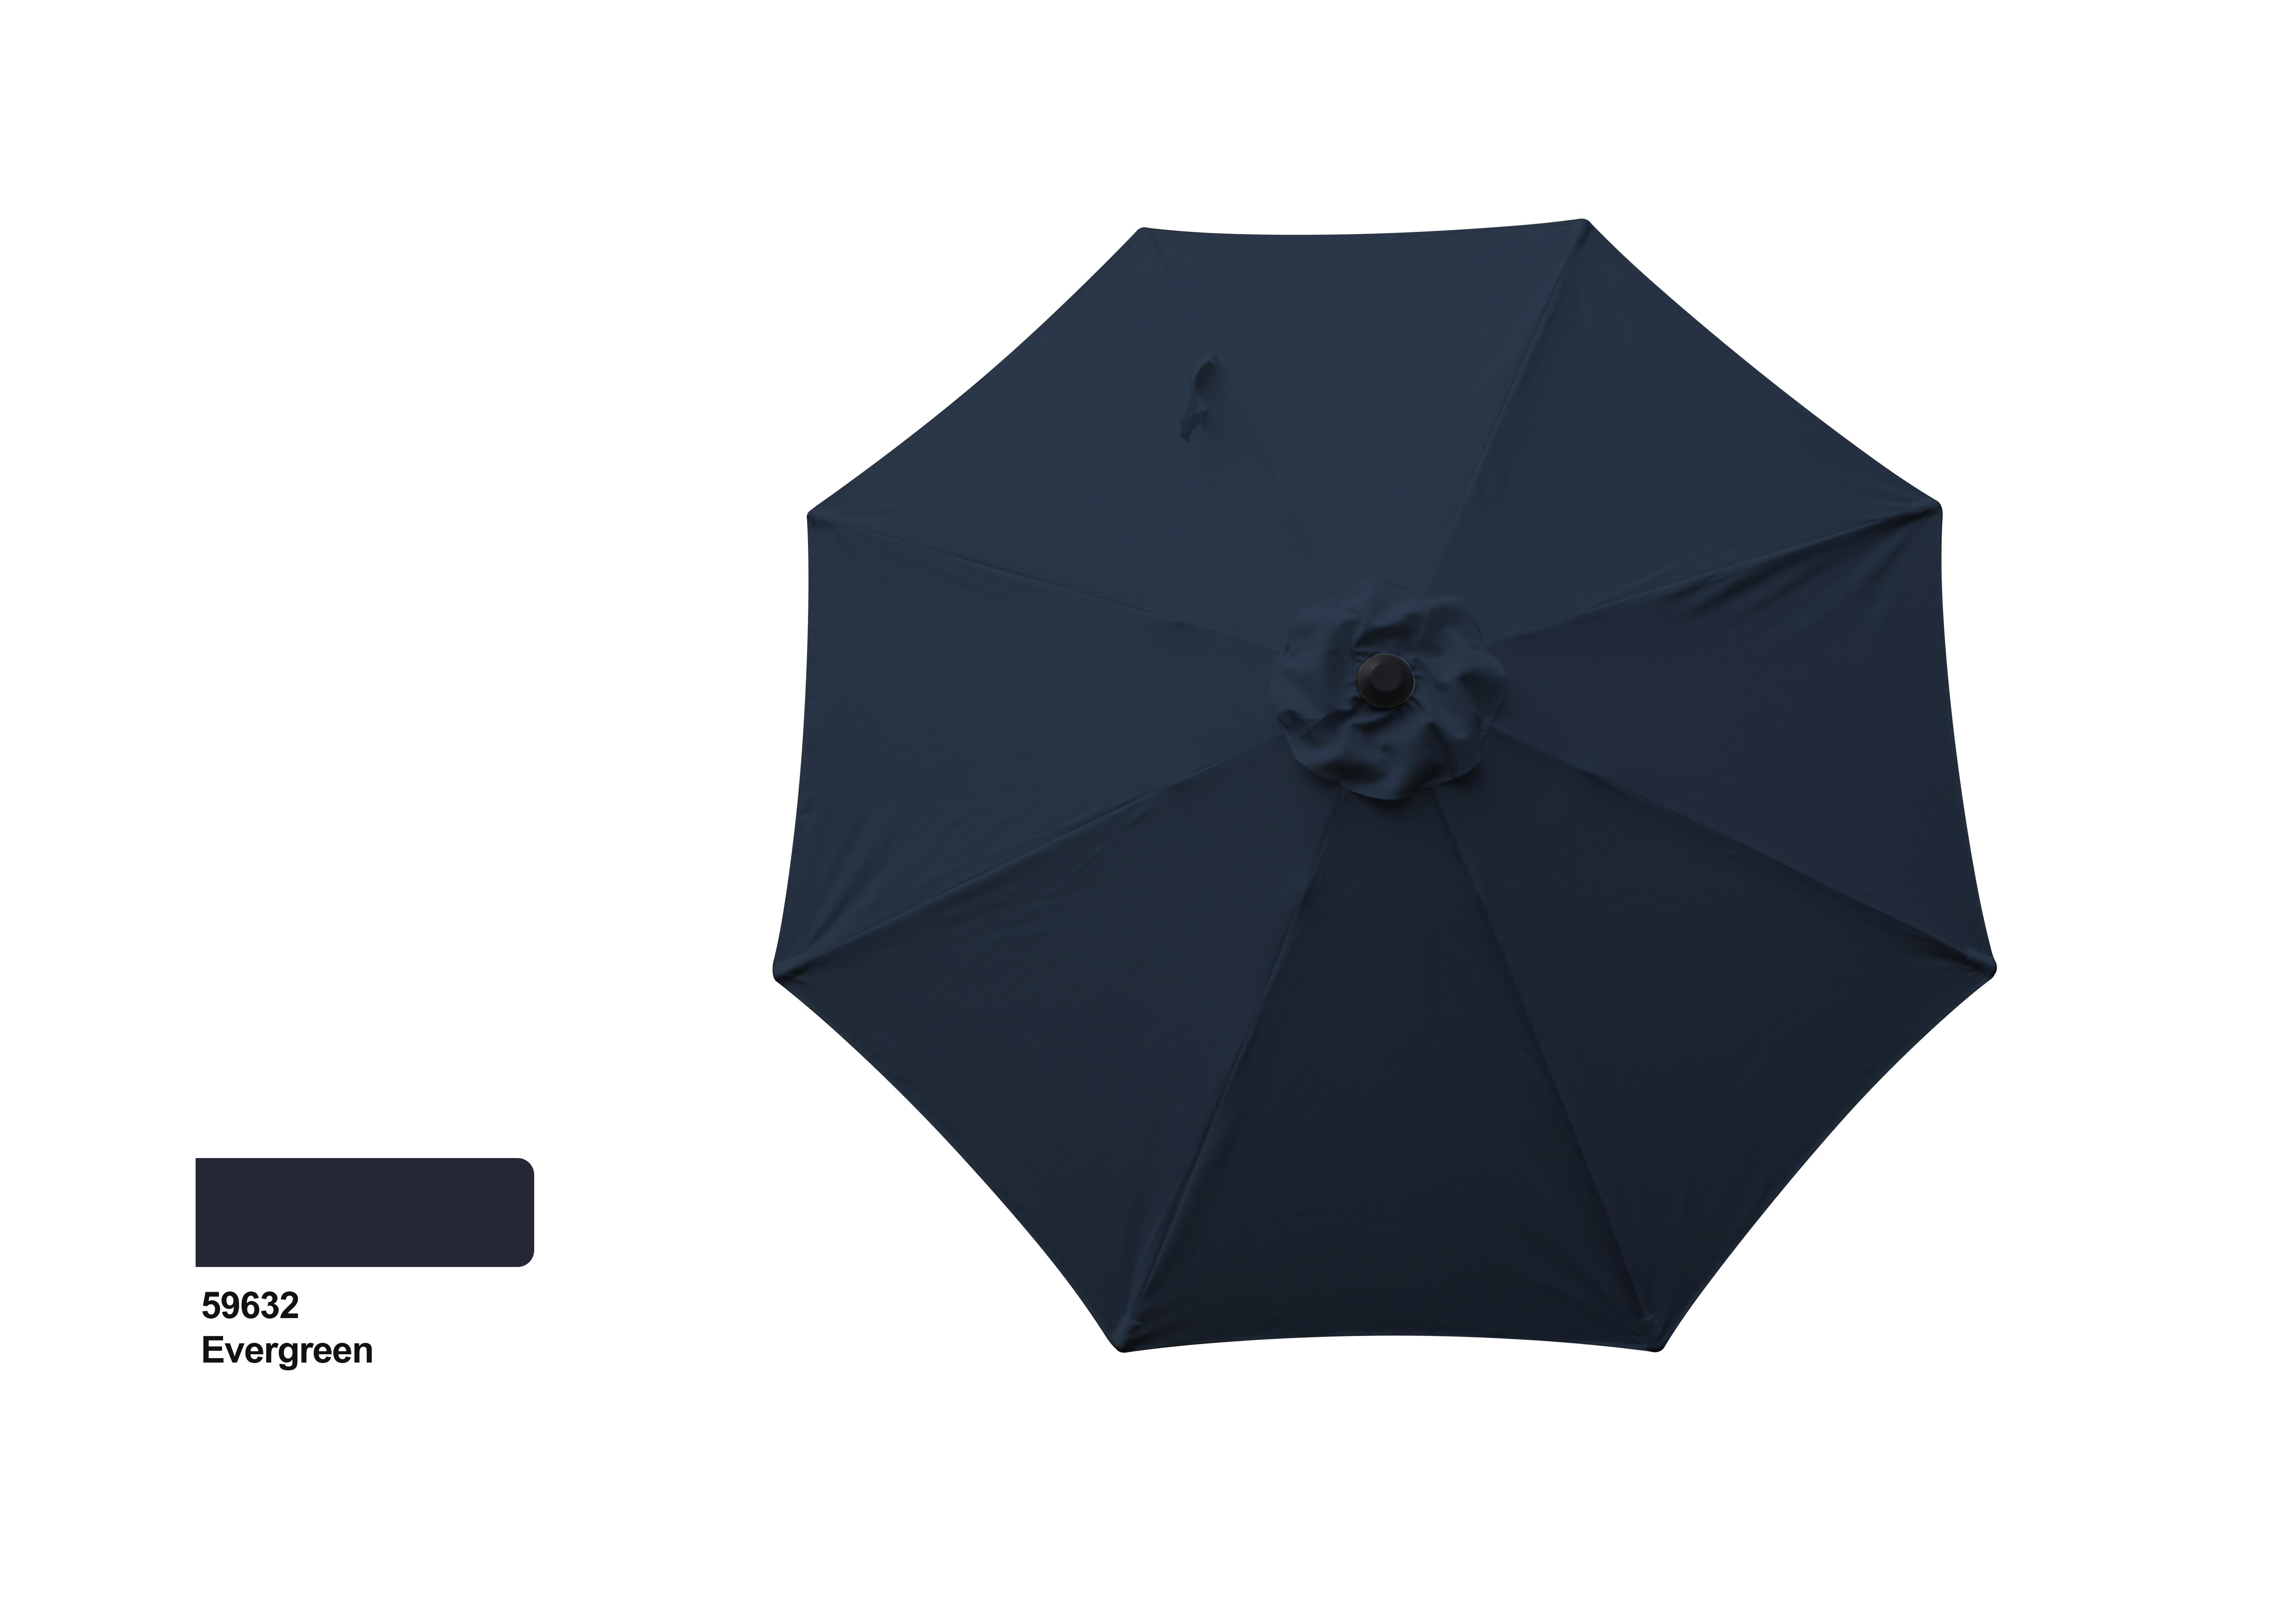 9' Aluminum Market Umbrella - Navy Blue